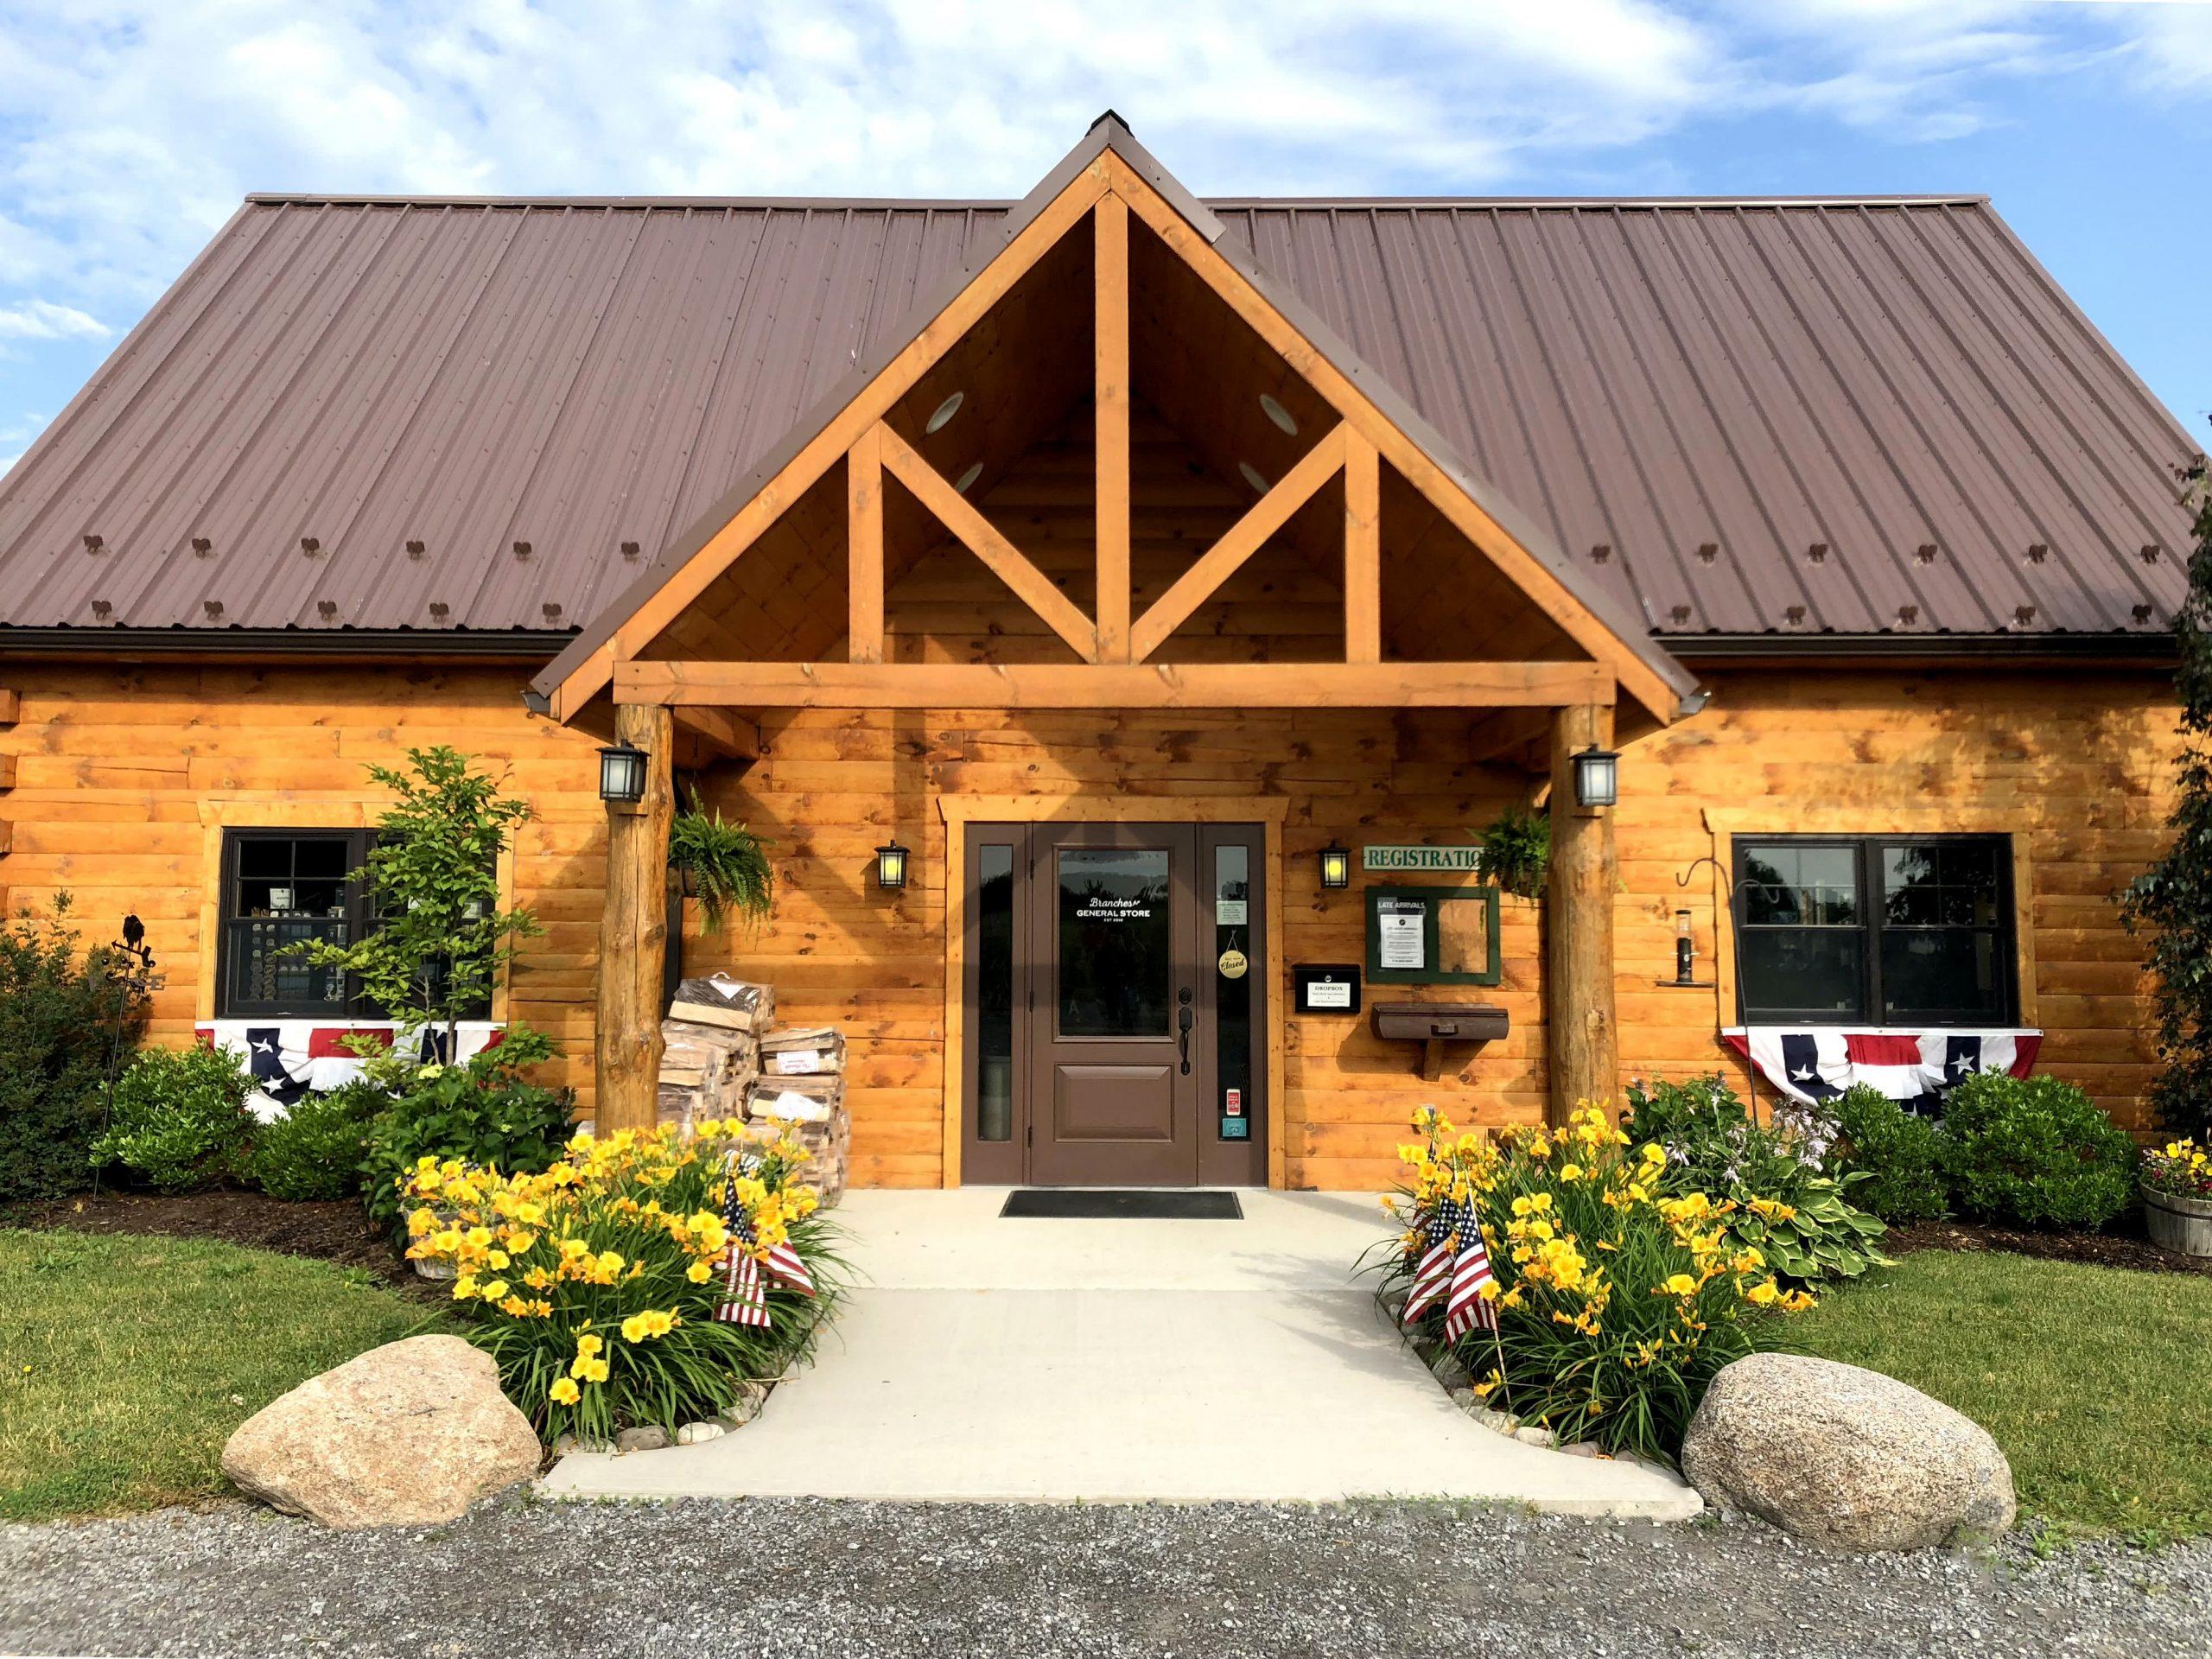 Log Building General Store entrance